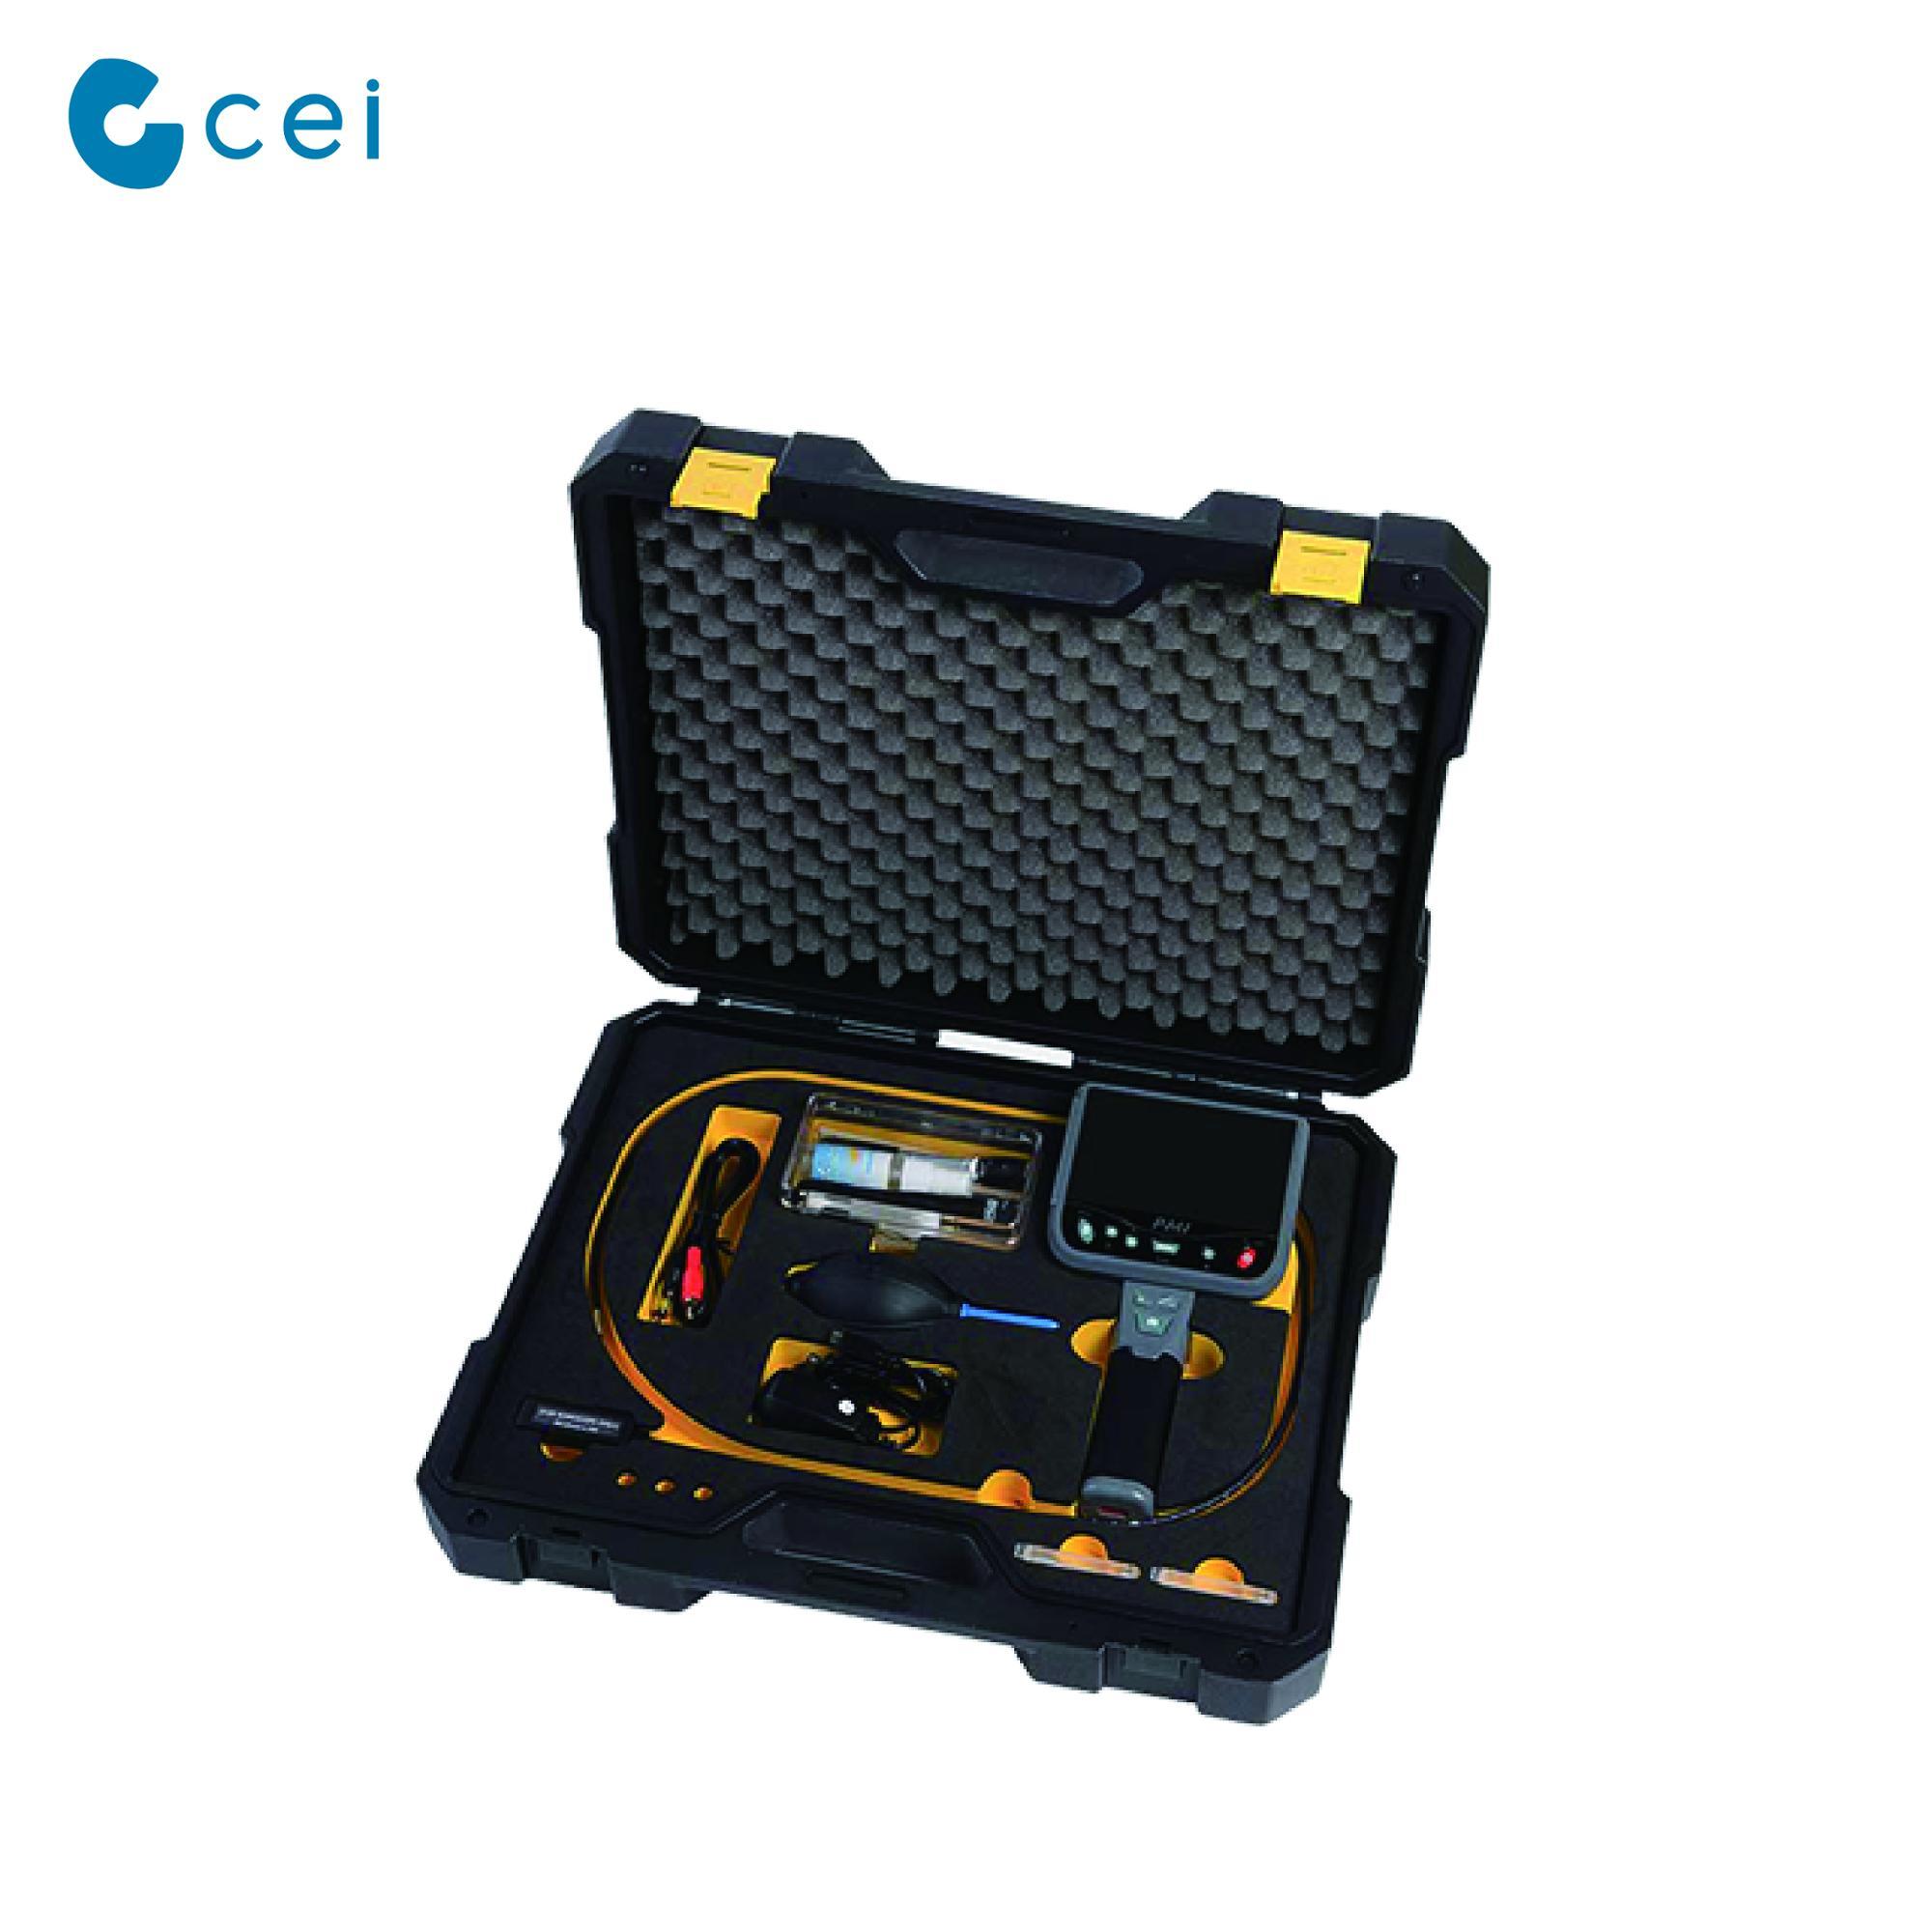 Vet เครื่องมือสัตวแพทย์ผลิตภัณฑ์สัตว์เครื่องวัดอุณหภูมิ Pet Care อุปกรณ์เสริมสัตวแพทย์ทางการแพทย์อุปกรณ์